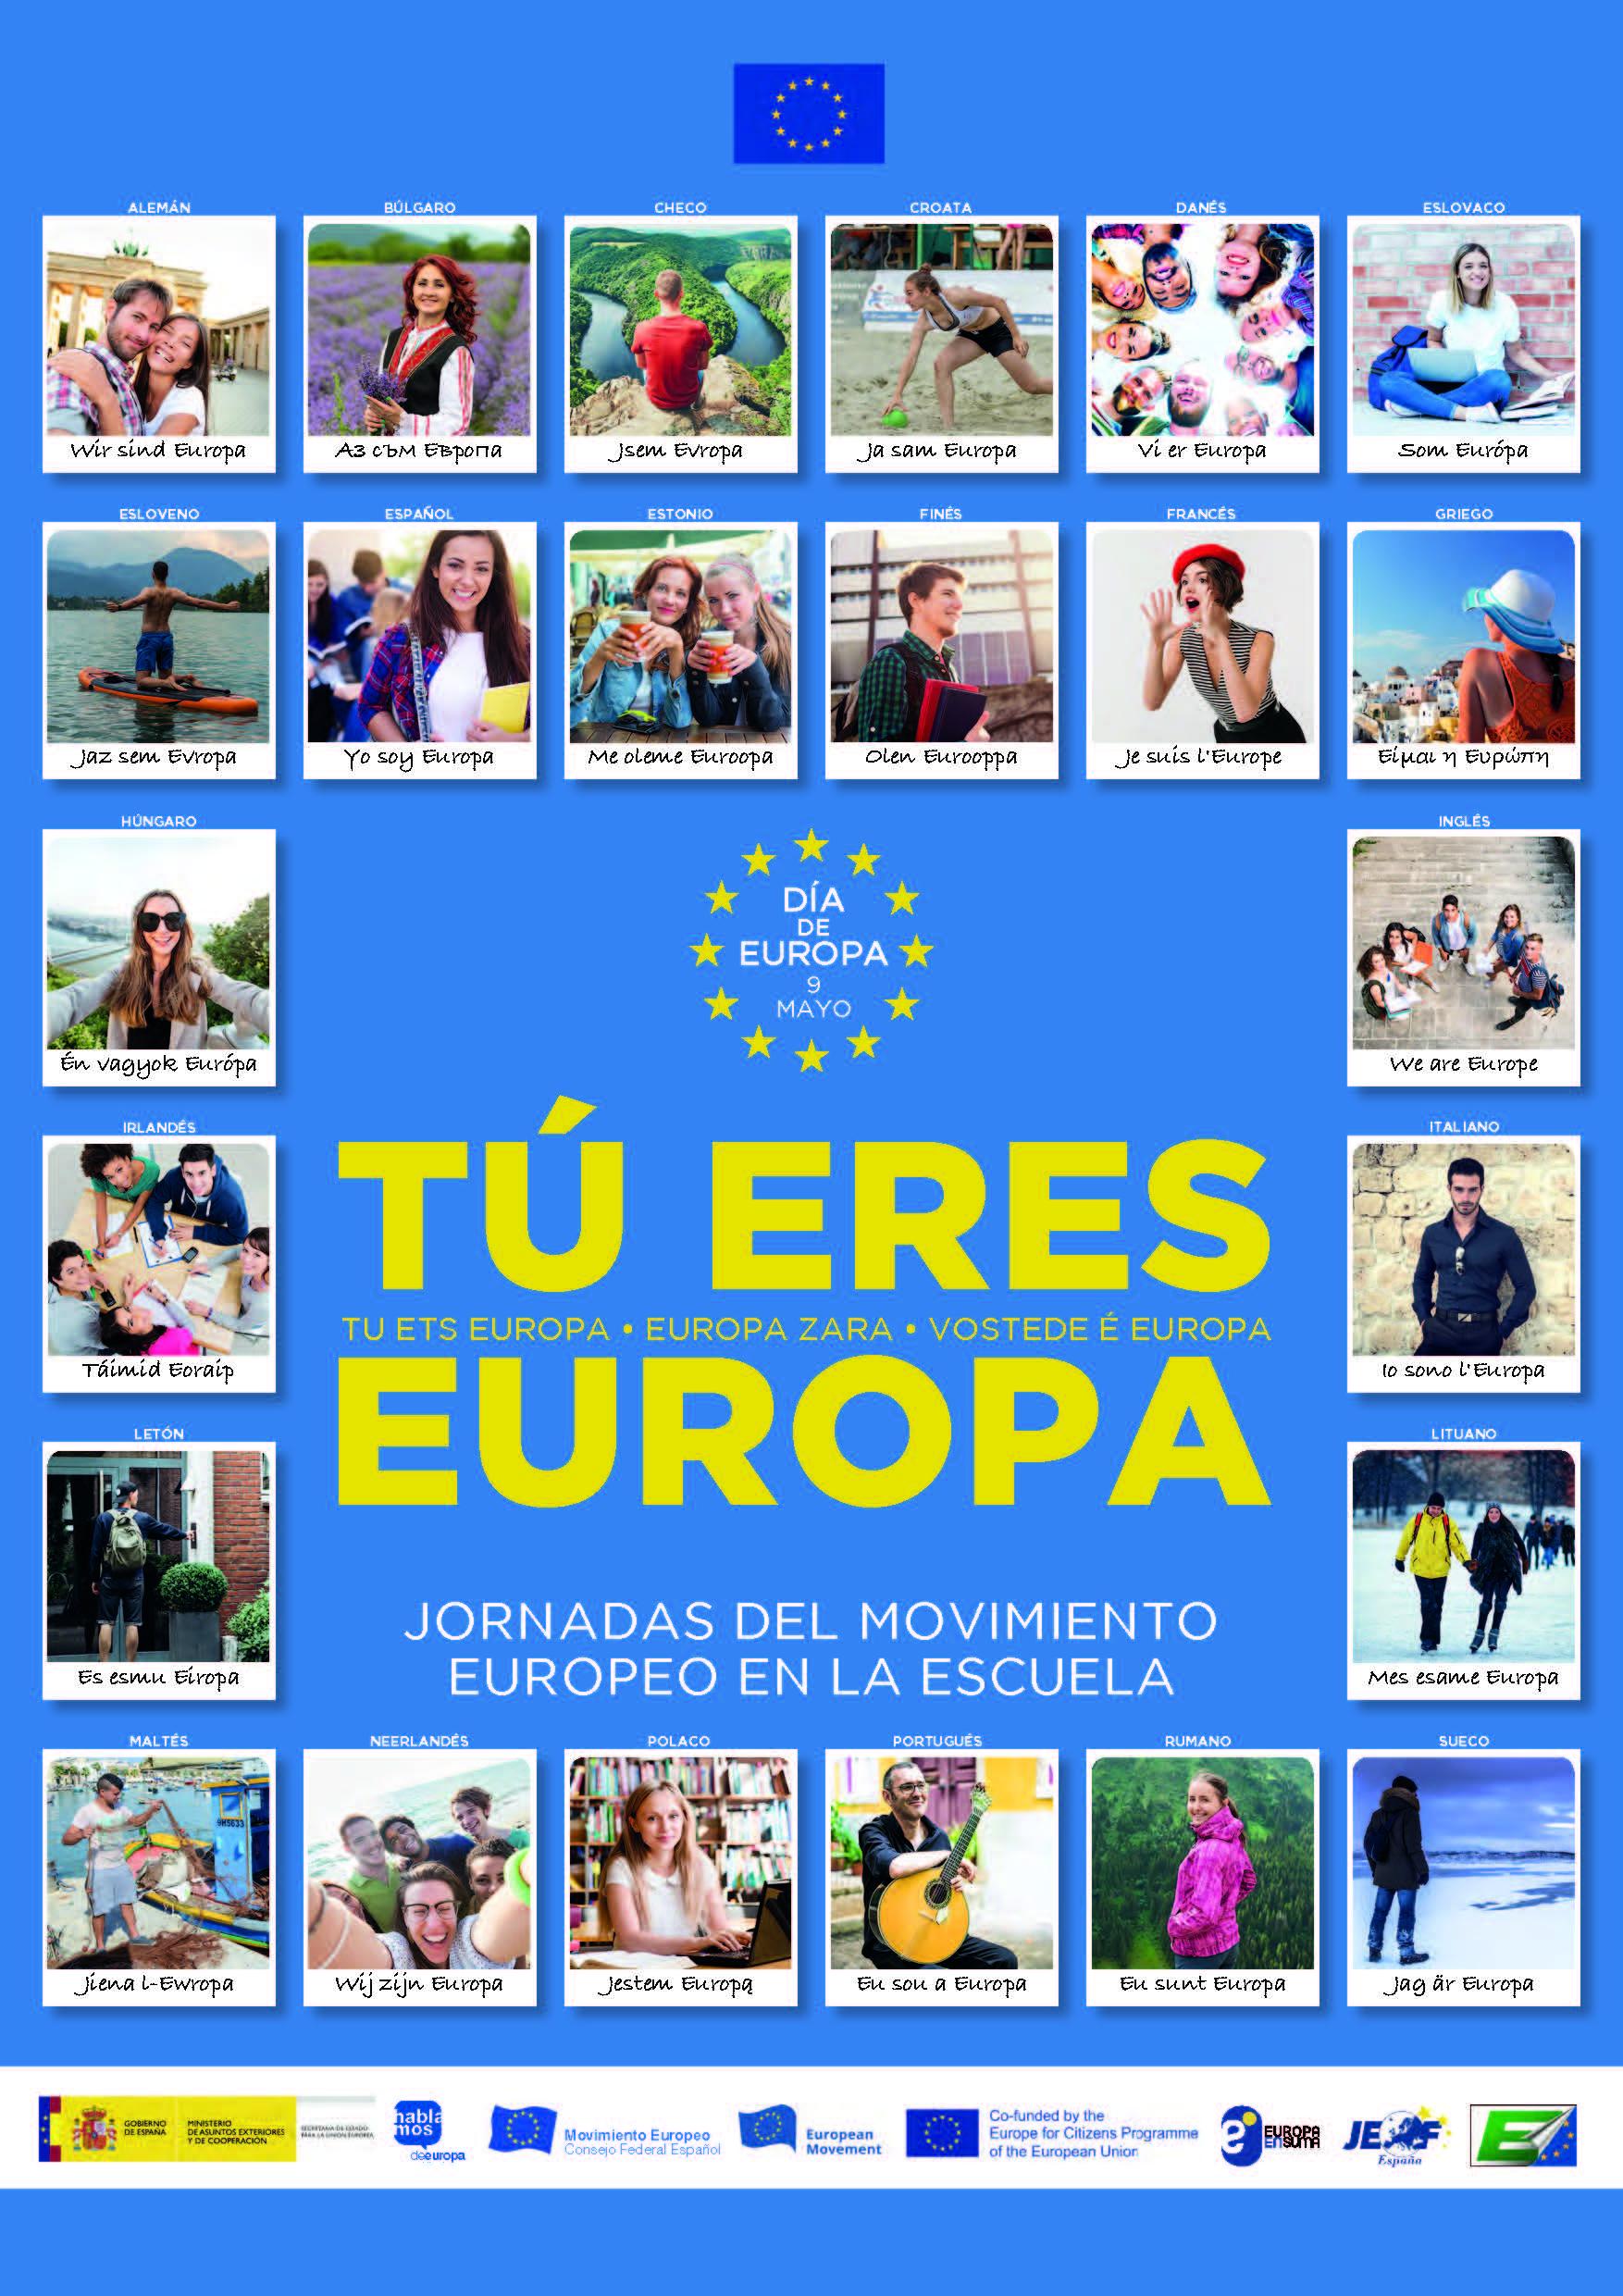 Inicio de la sexta campaña de Europa en la Escuela